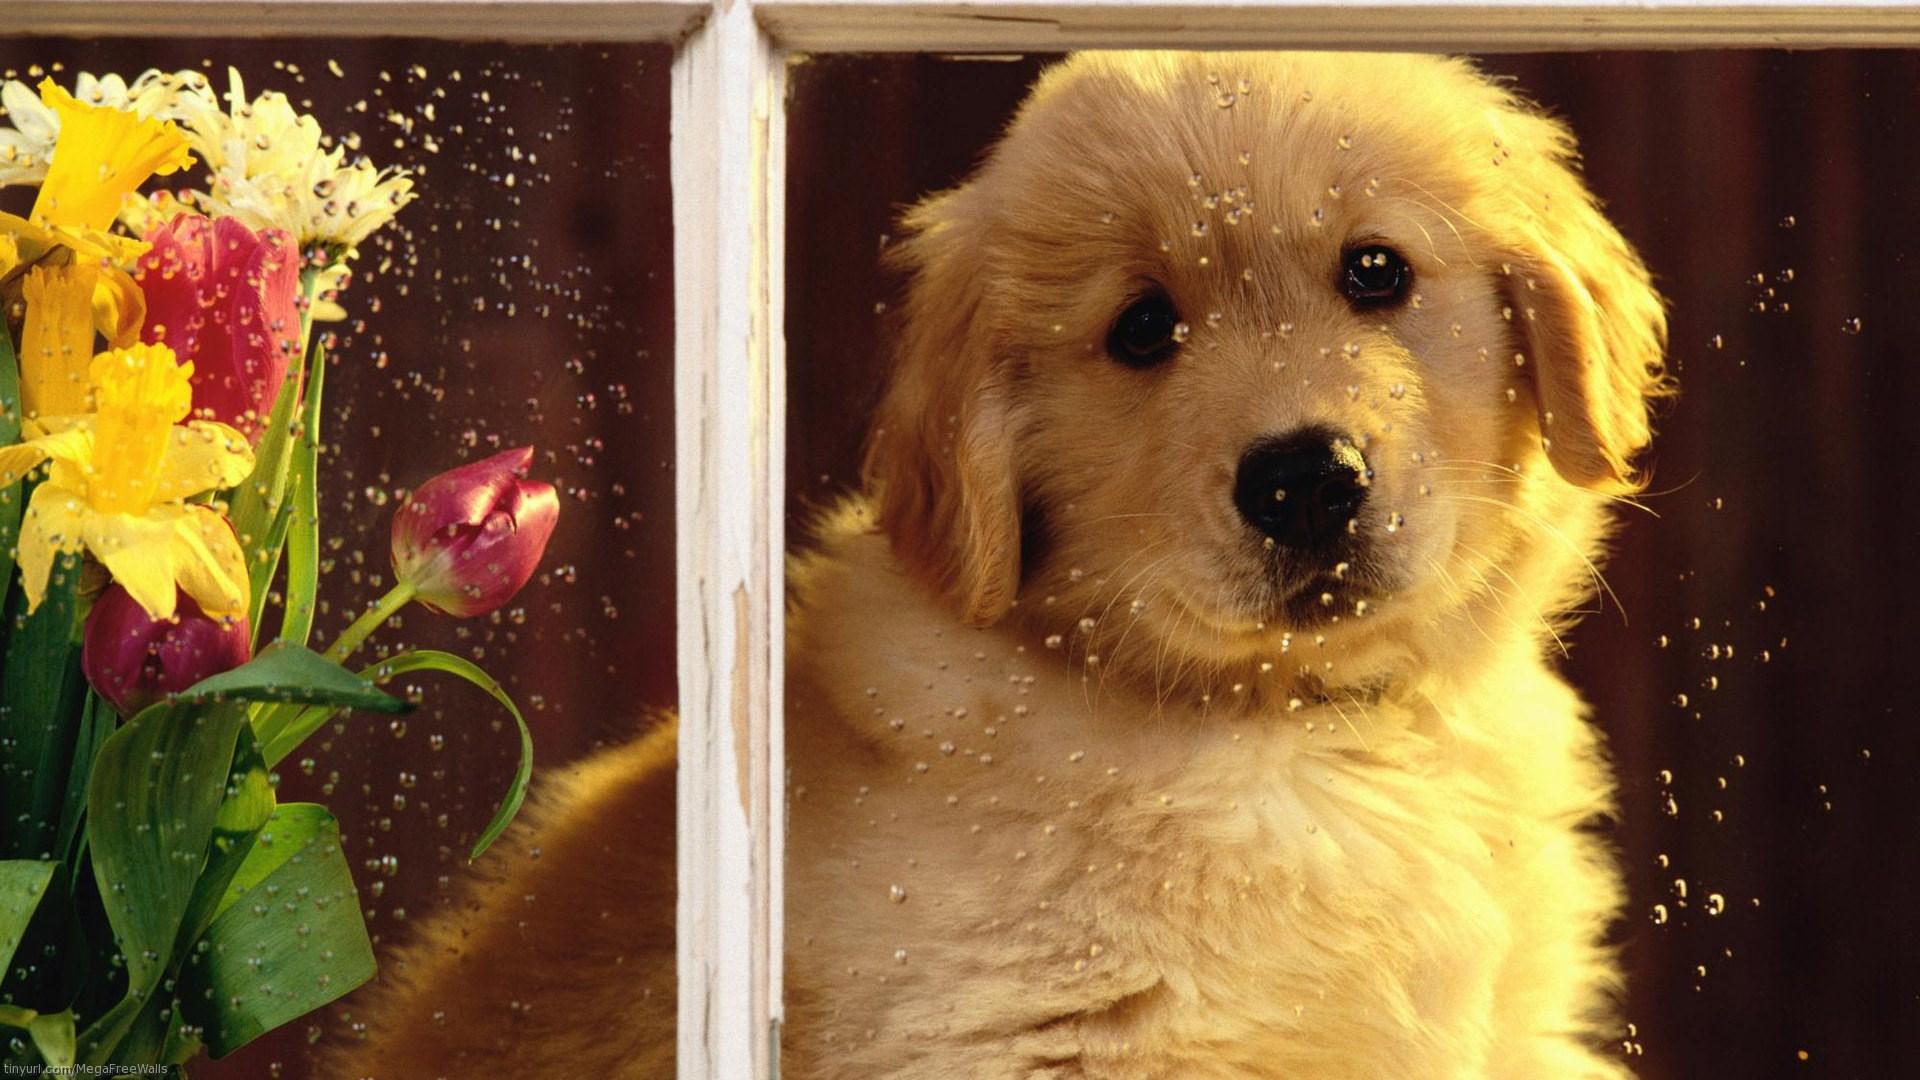 1920x1080-widescreen-hd-cute-wallpaper-wpc5801066